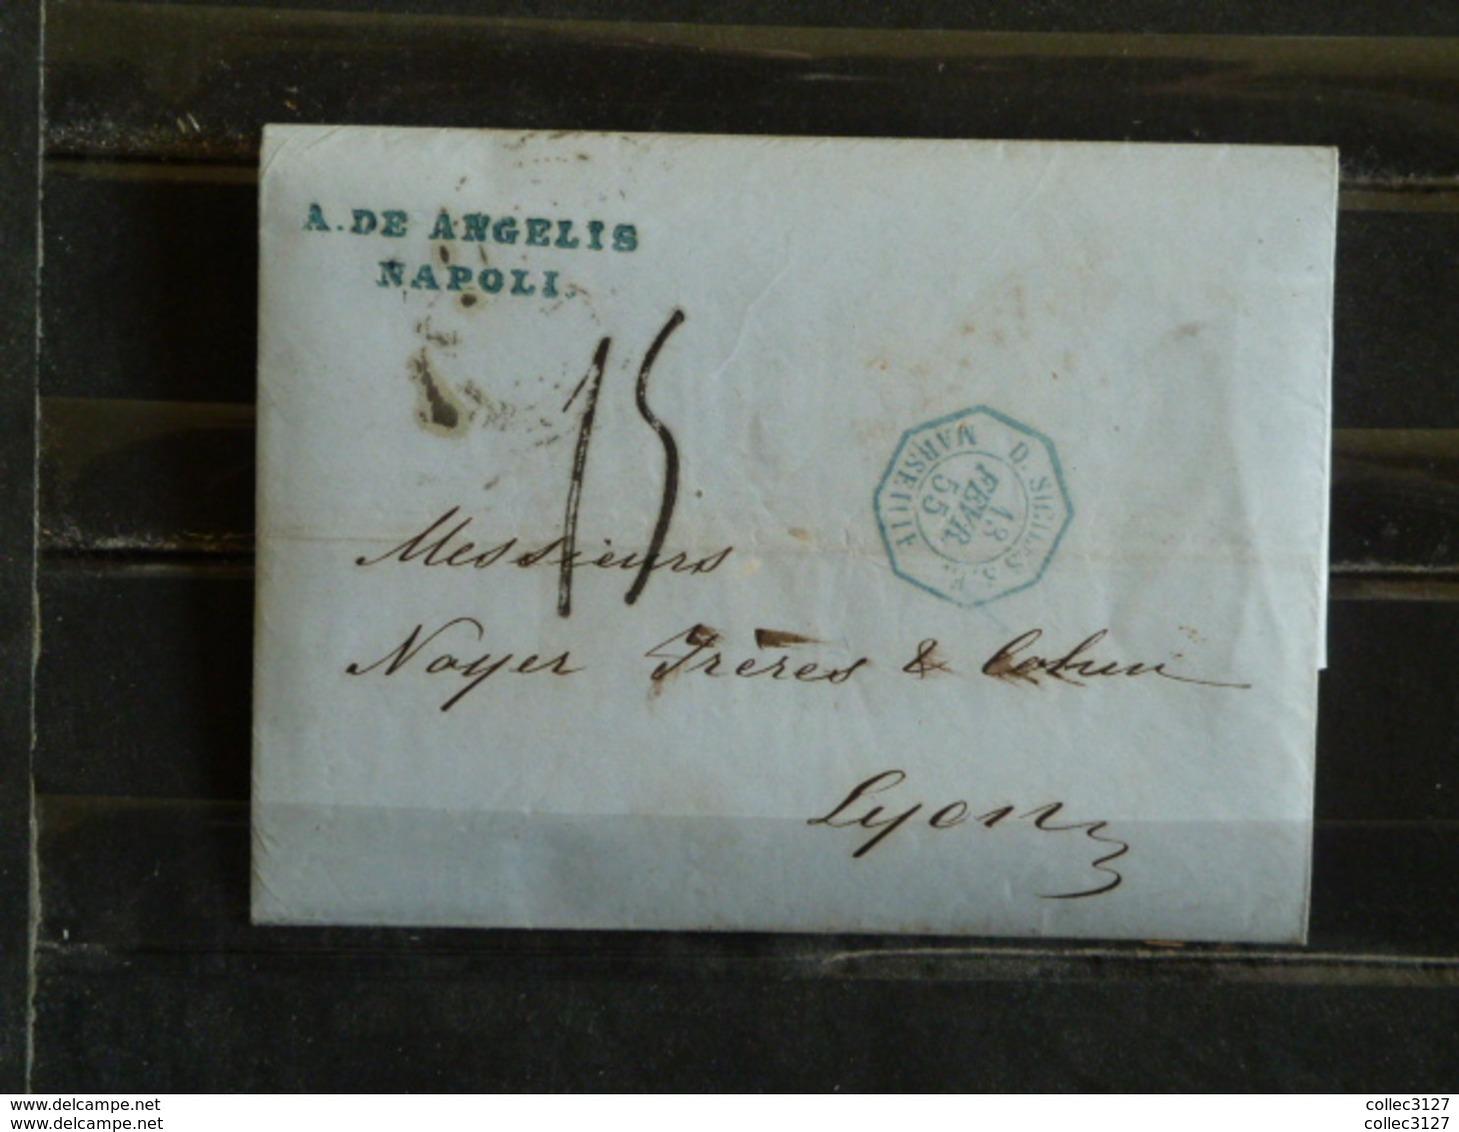 D1 - LAC De Napoli (Naples) à Lyon - 1855 - Marque Postale Cachet Hexagonal Bleu D. Siciles à Marseille - Italie